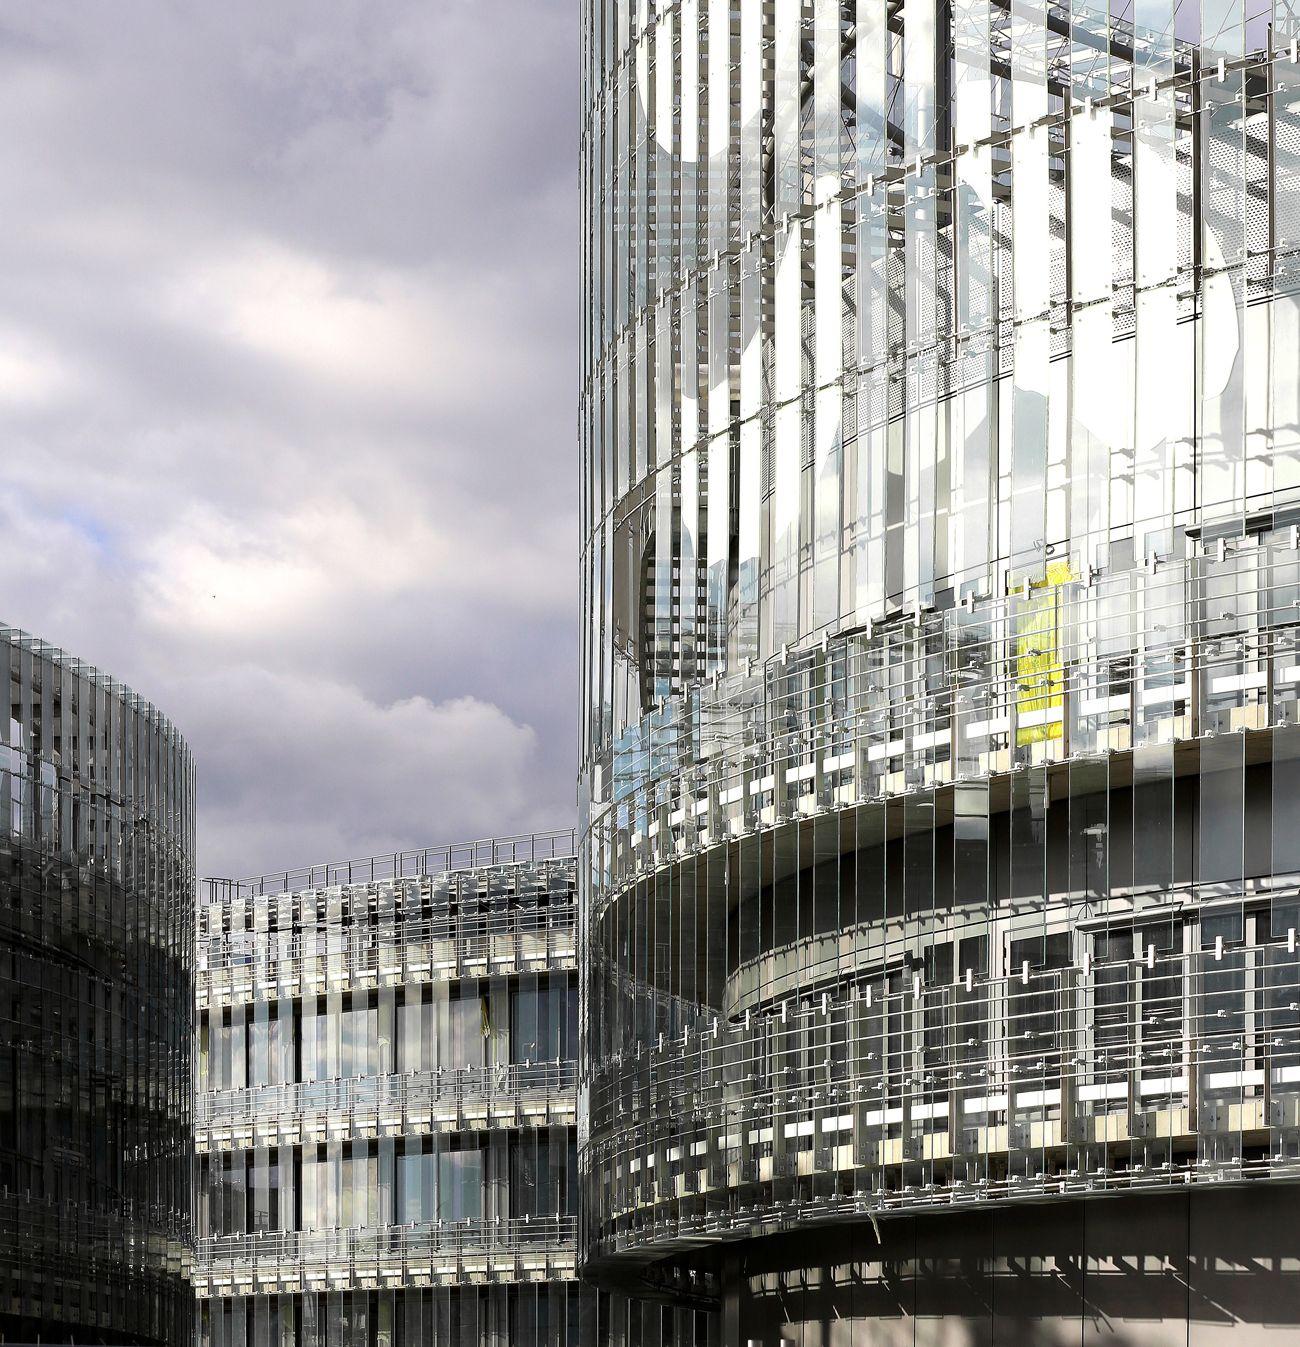 Centre de recherche EDF à Saclay: éléments remarquables